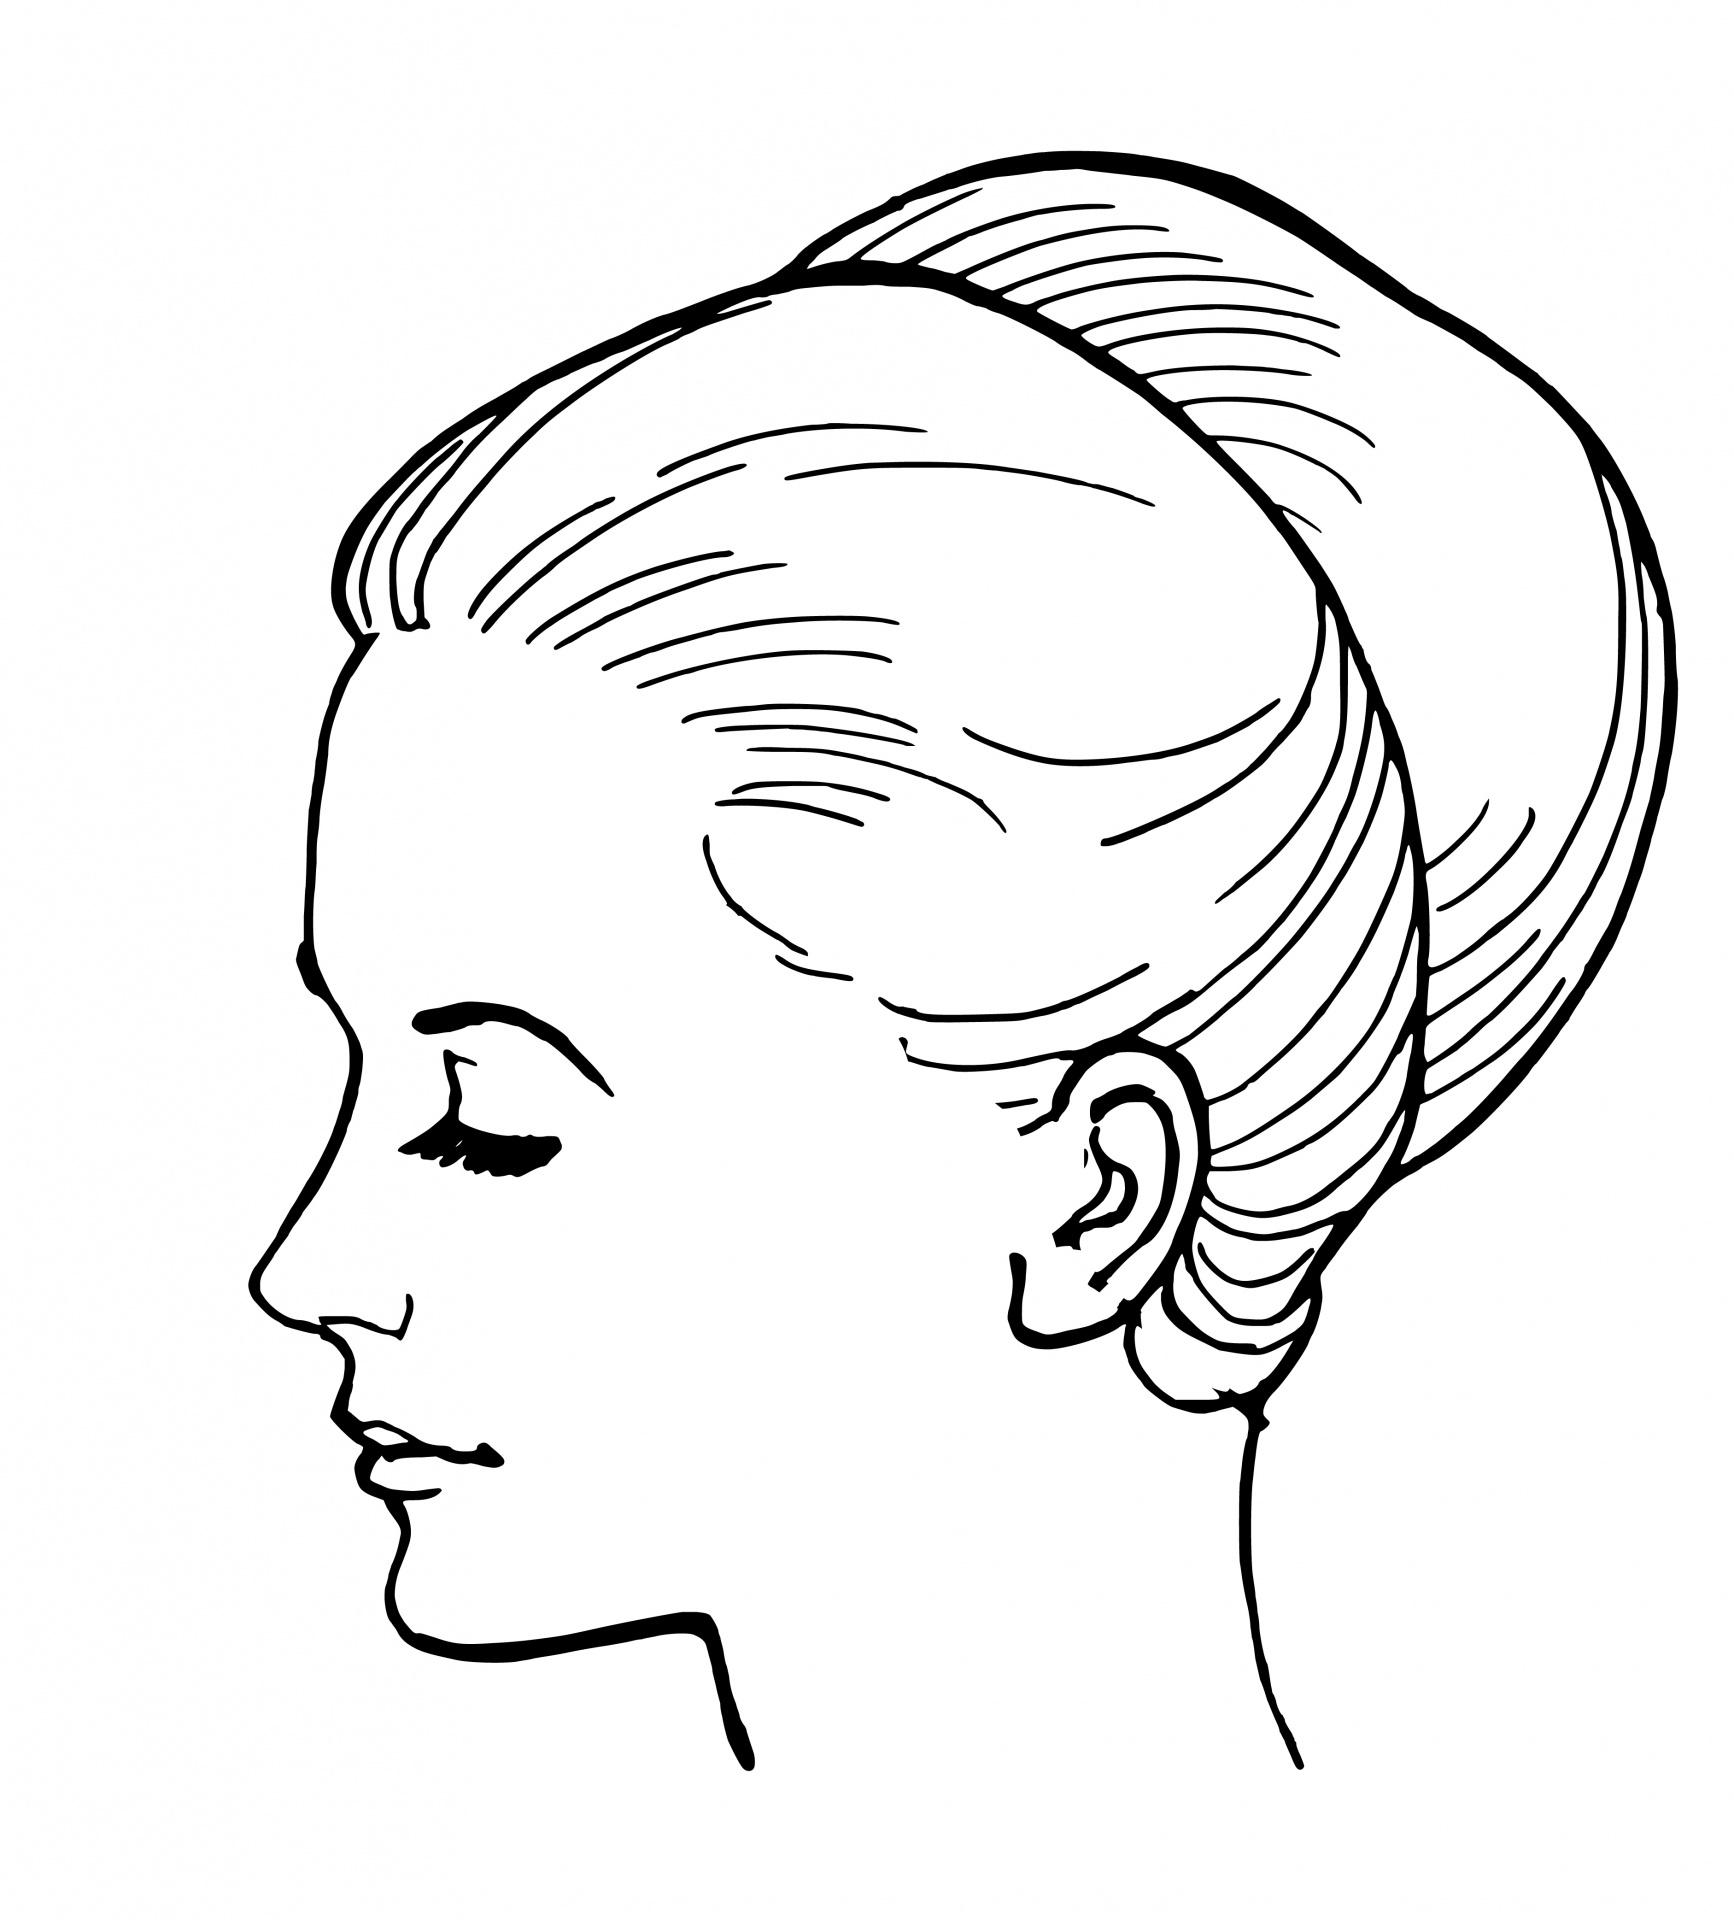 Drawn profile woman's Face Face Woman  Public